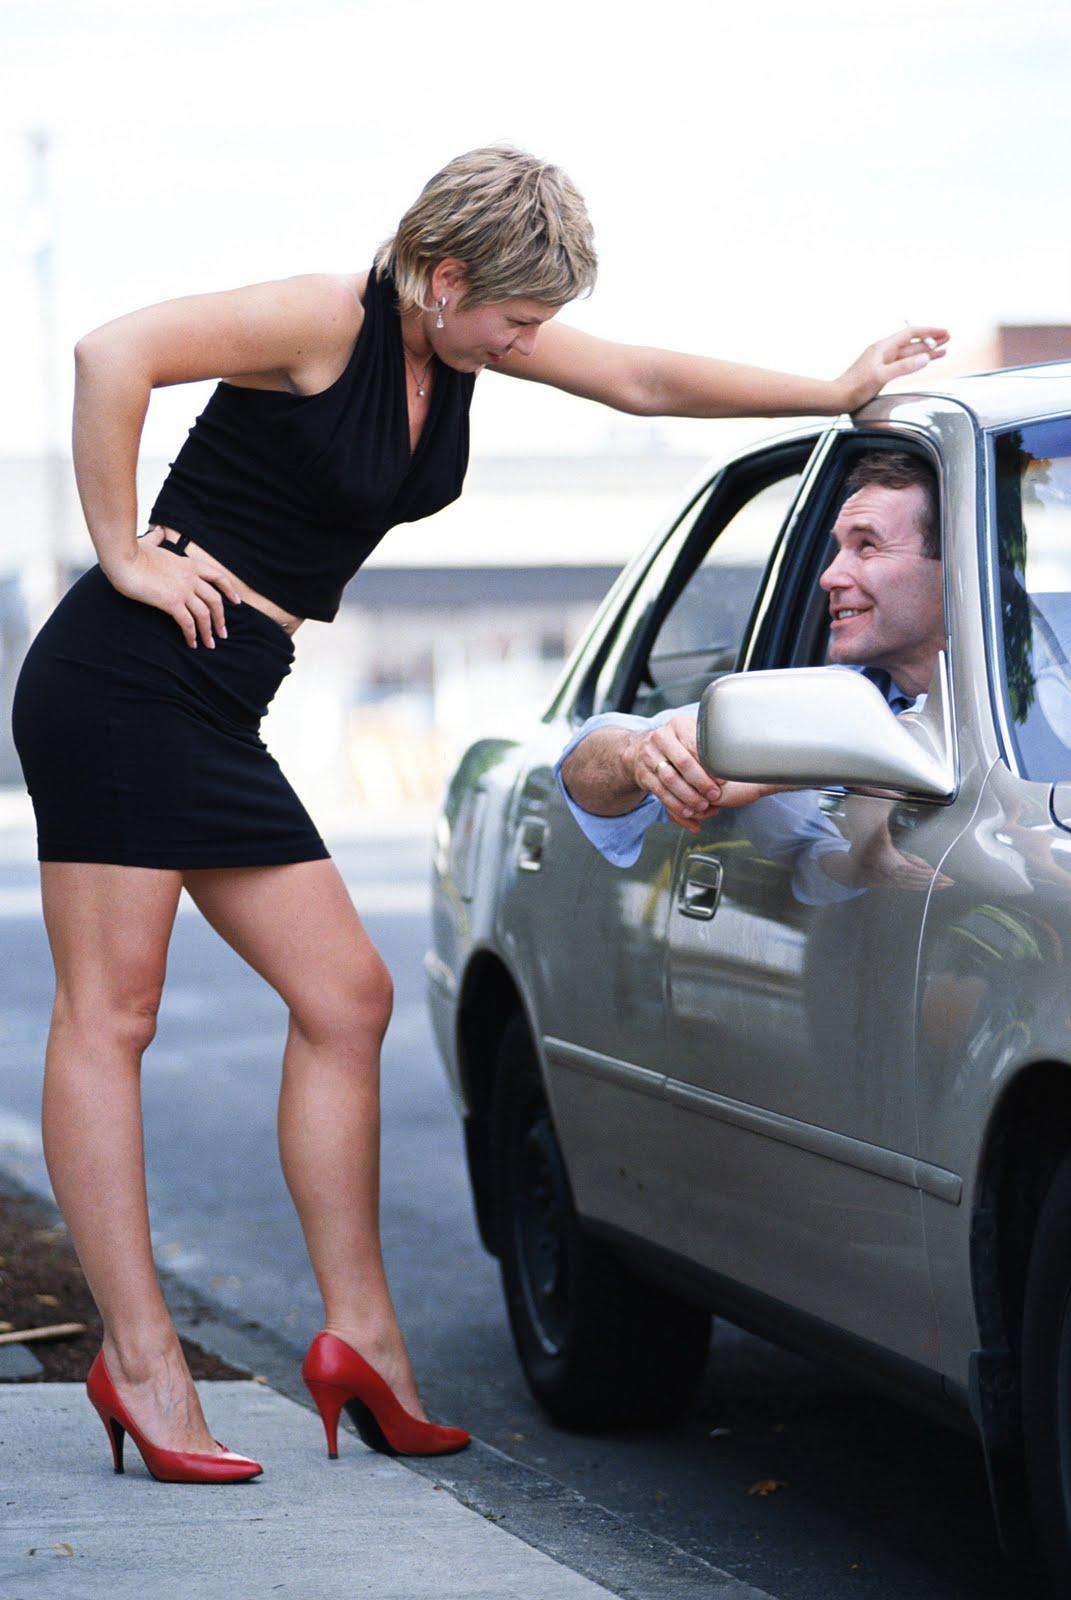 Уличная проститутка за работой 19 фотография